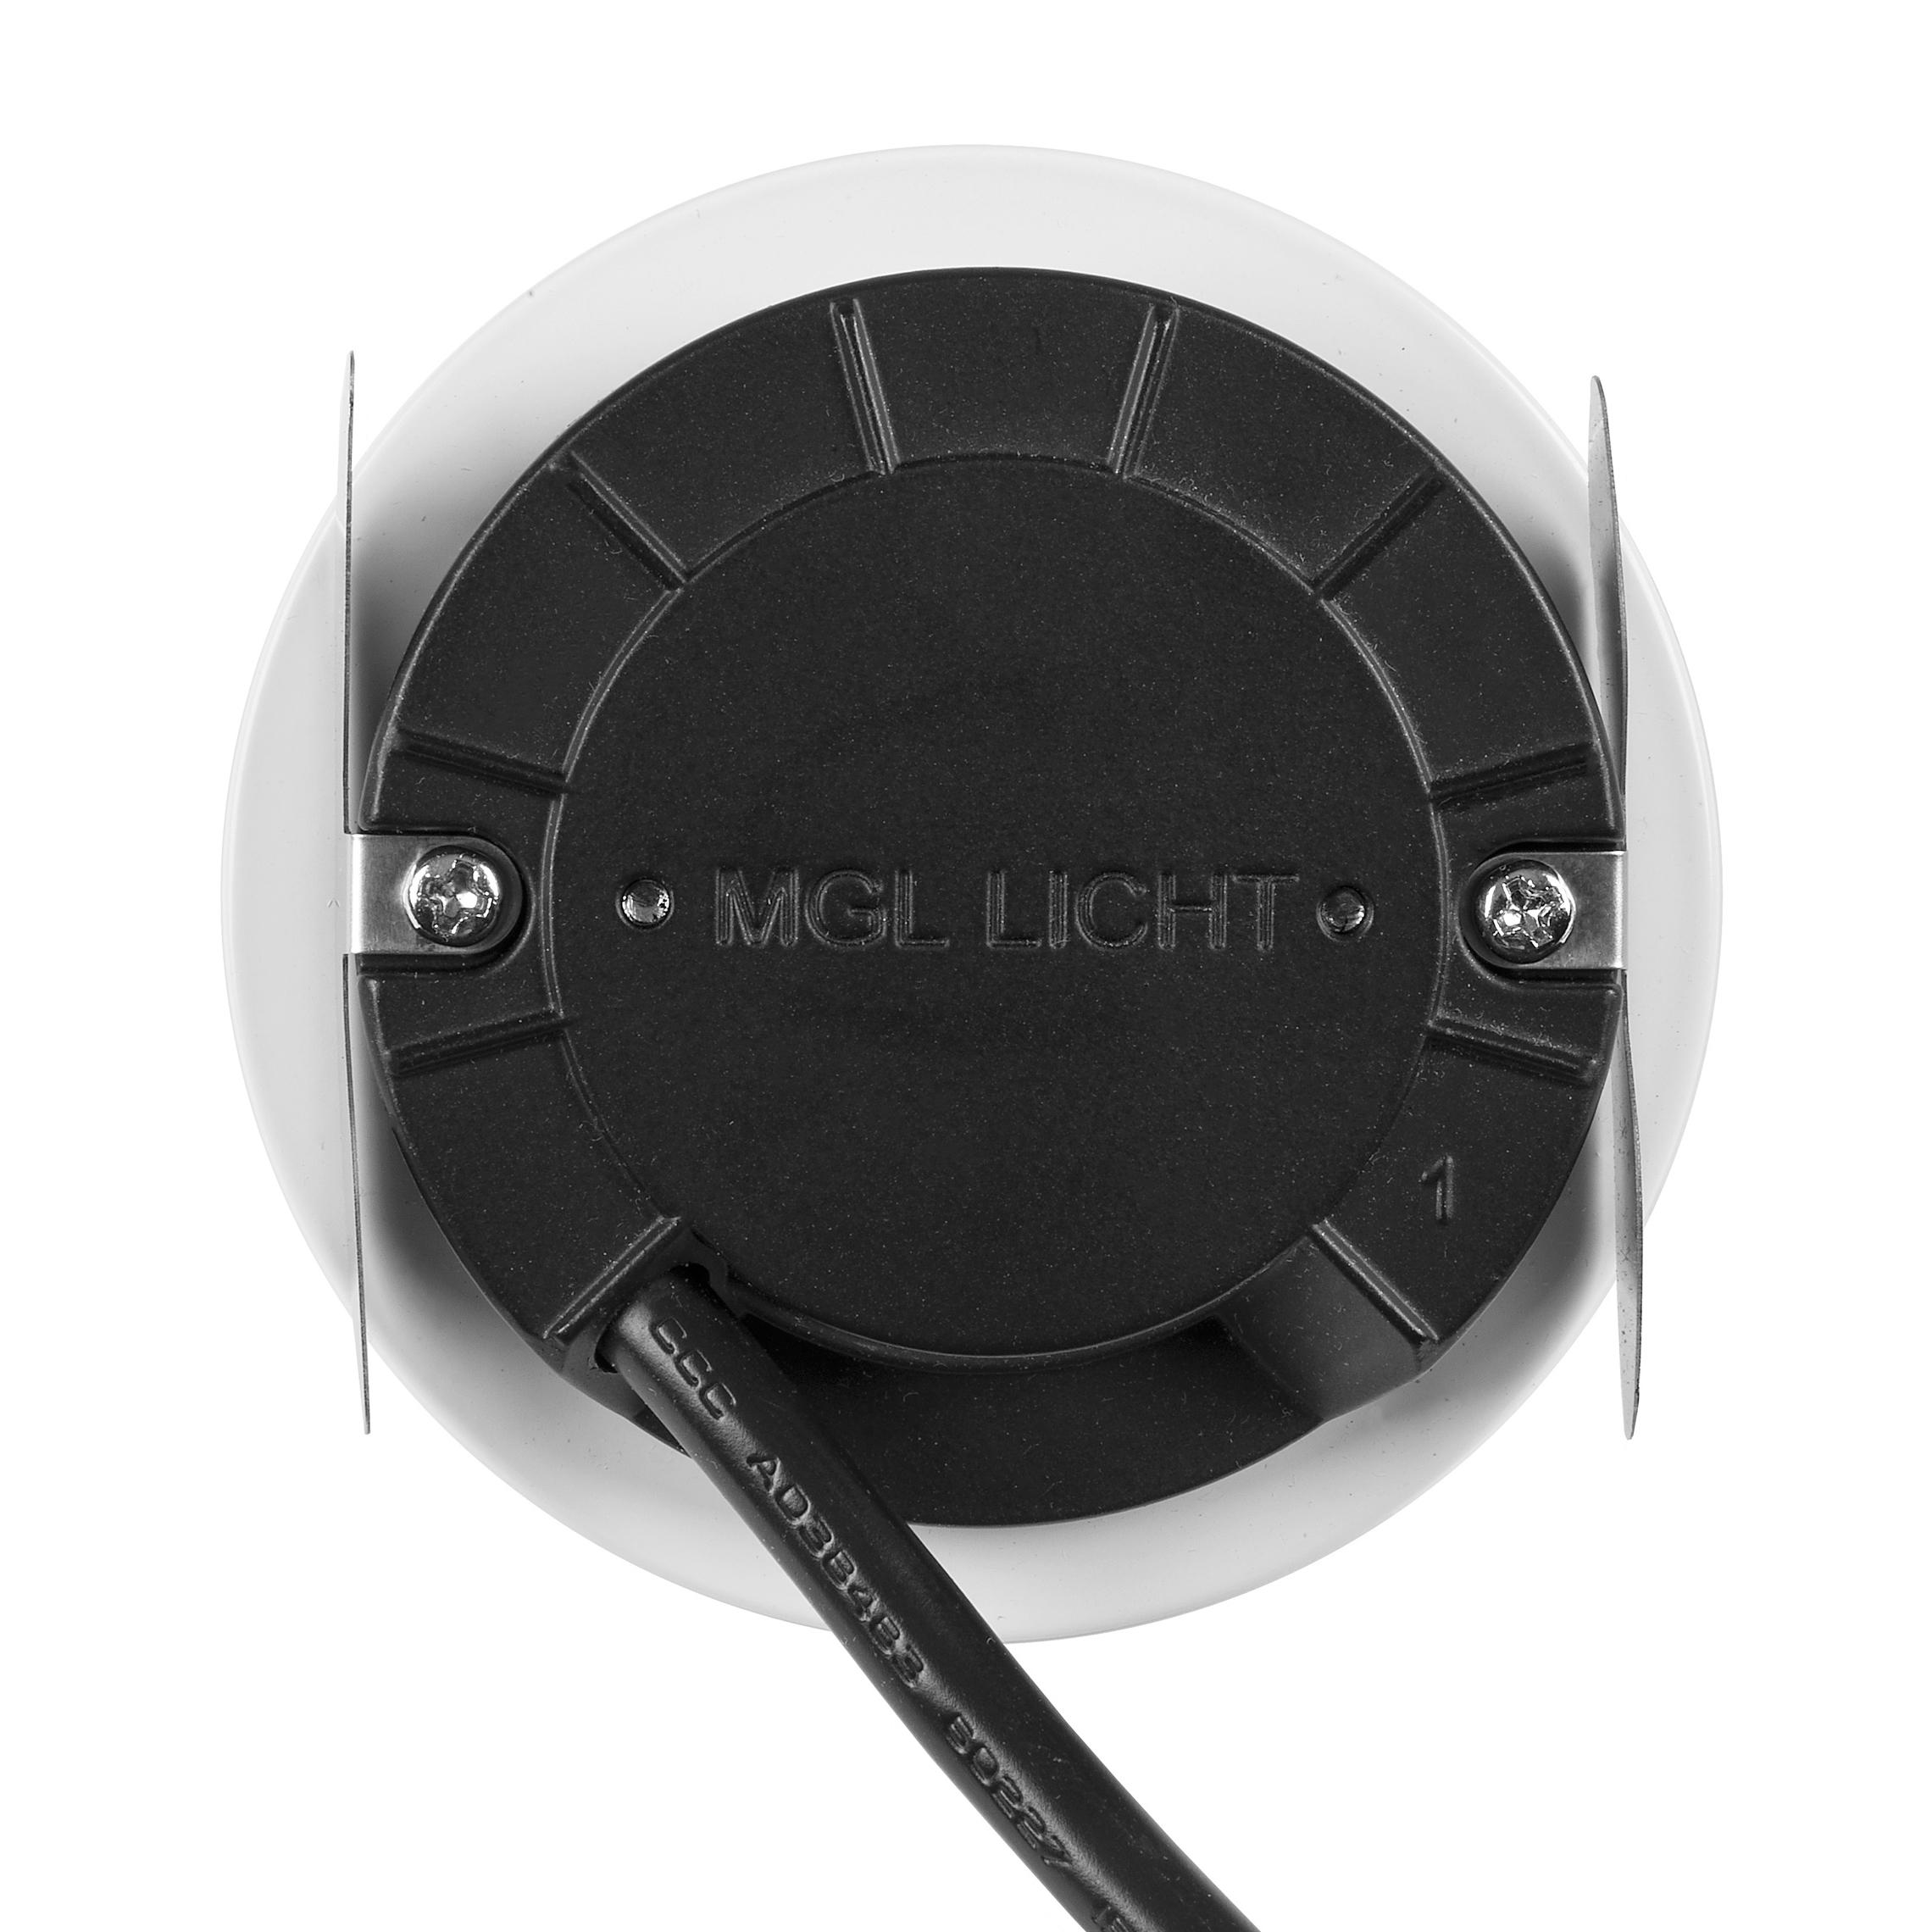 MGL1140 MDL68 HVD Weiss Rueckseite 0